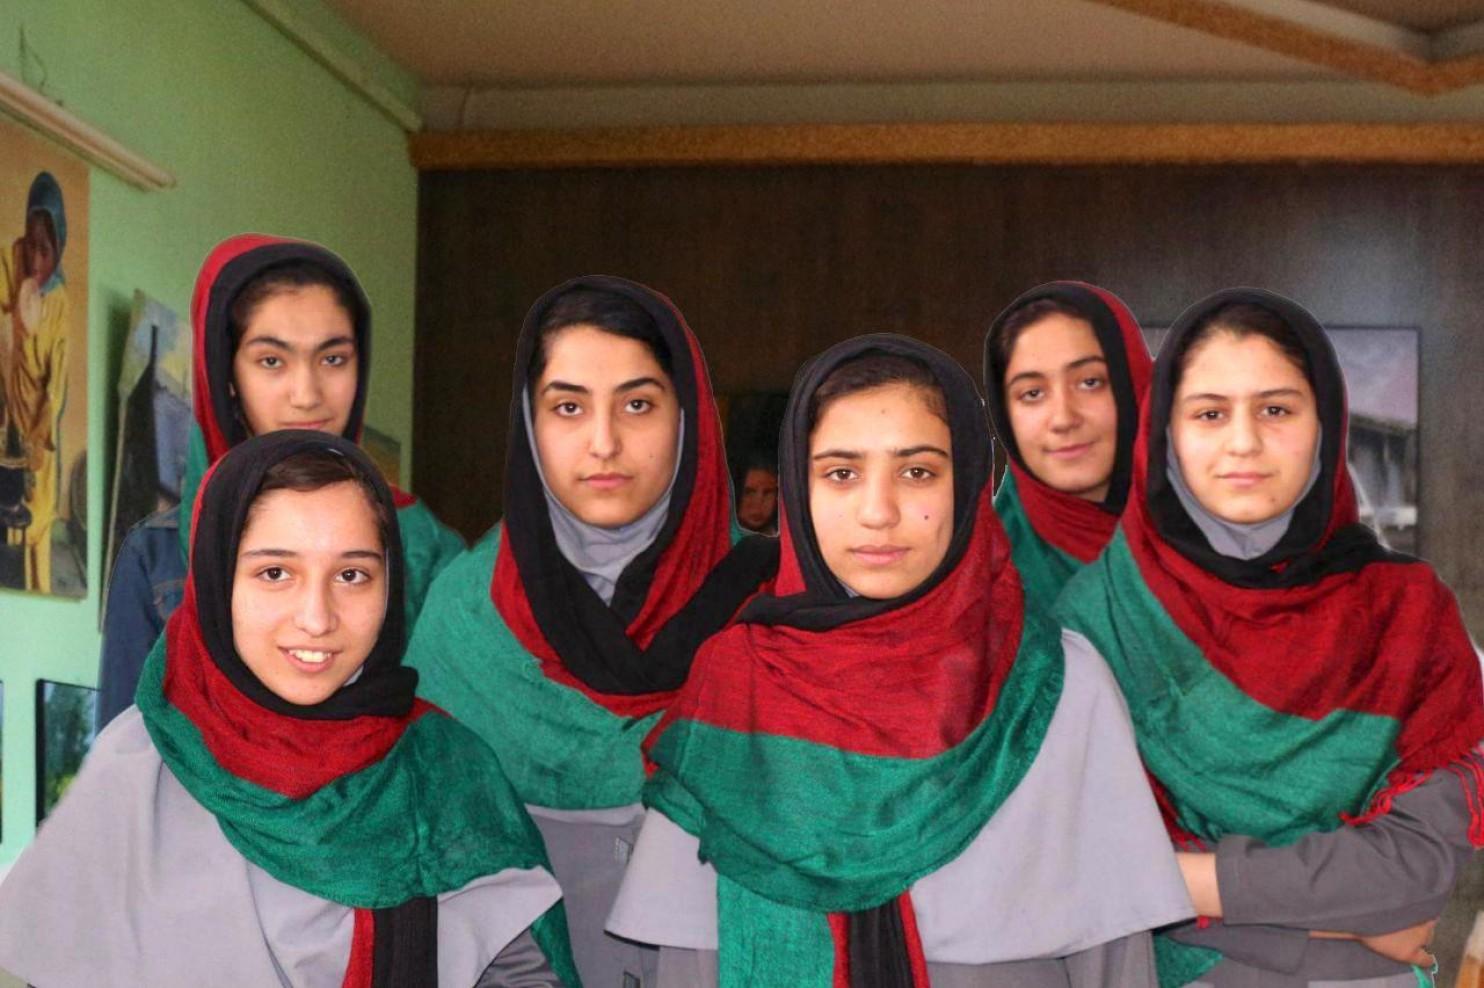 Nem engedték be az USA-ba a robotépítő versenyen induló afgán lányokat